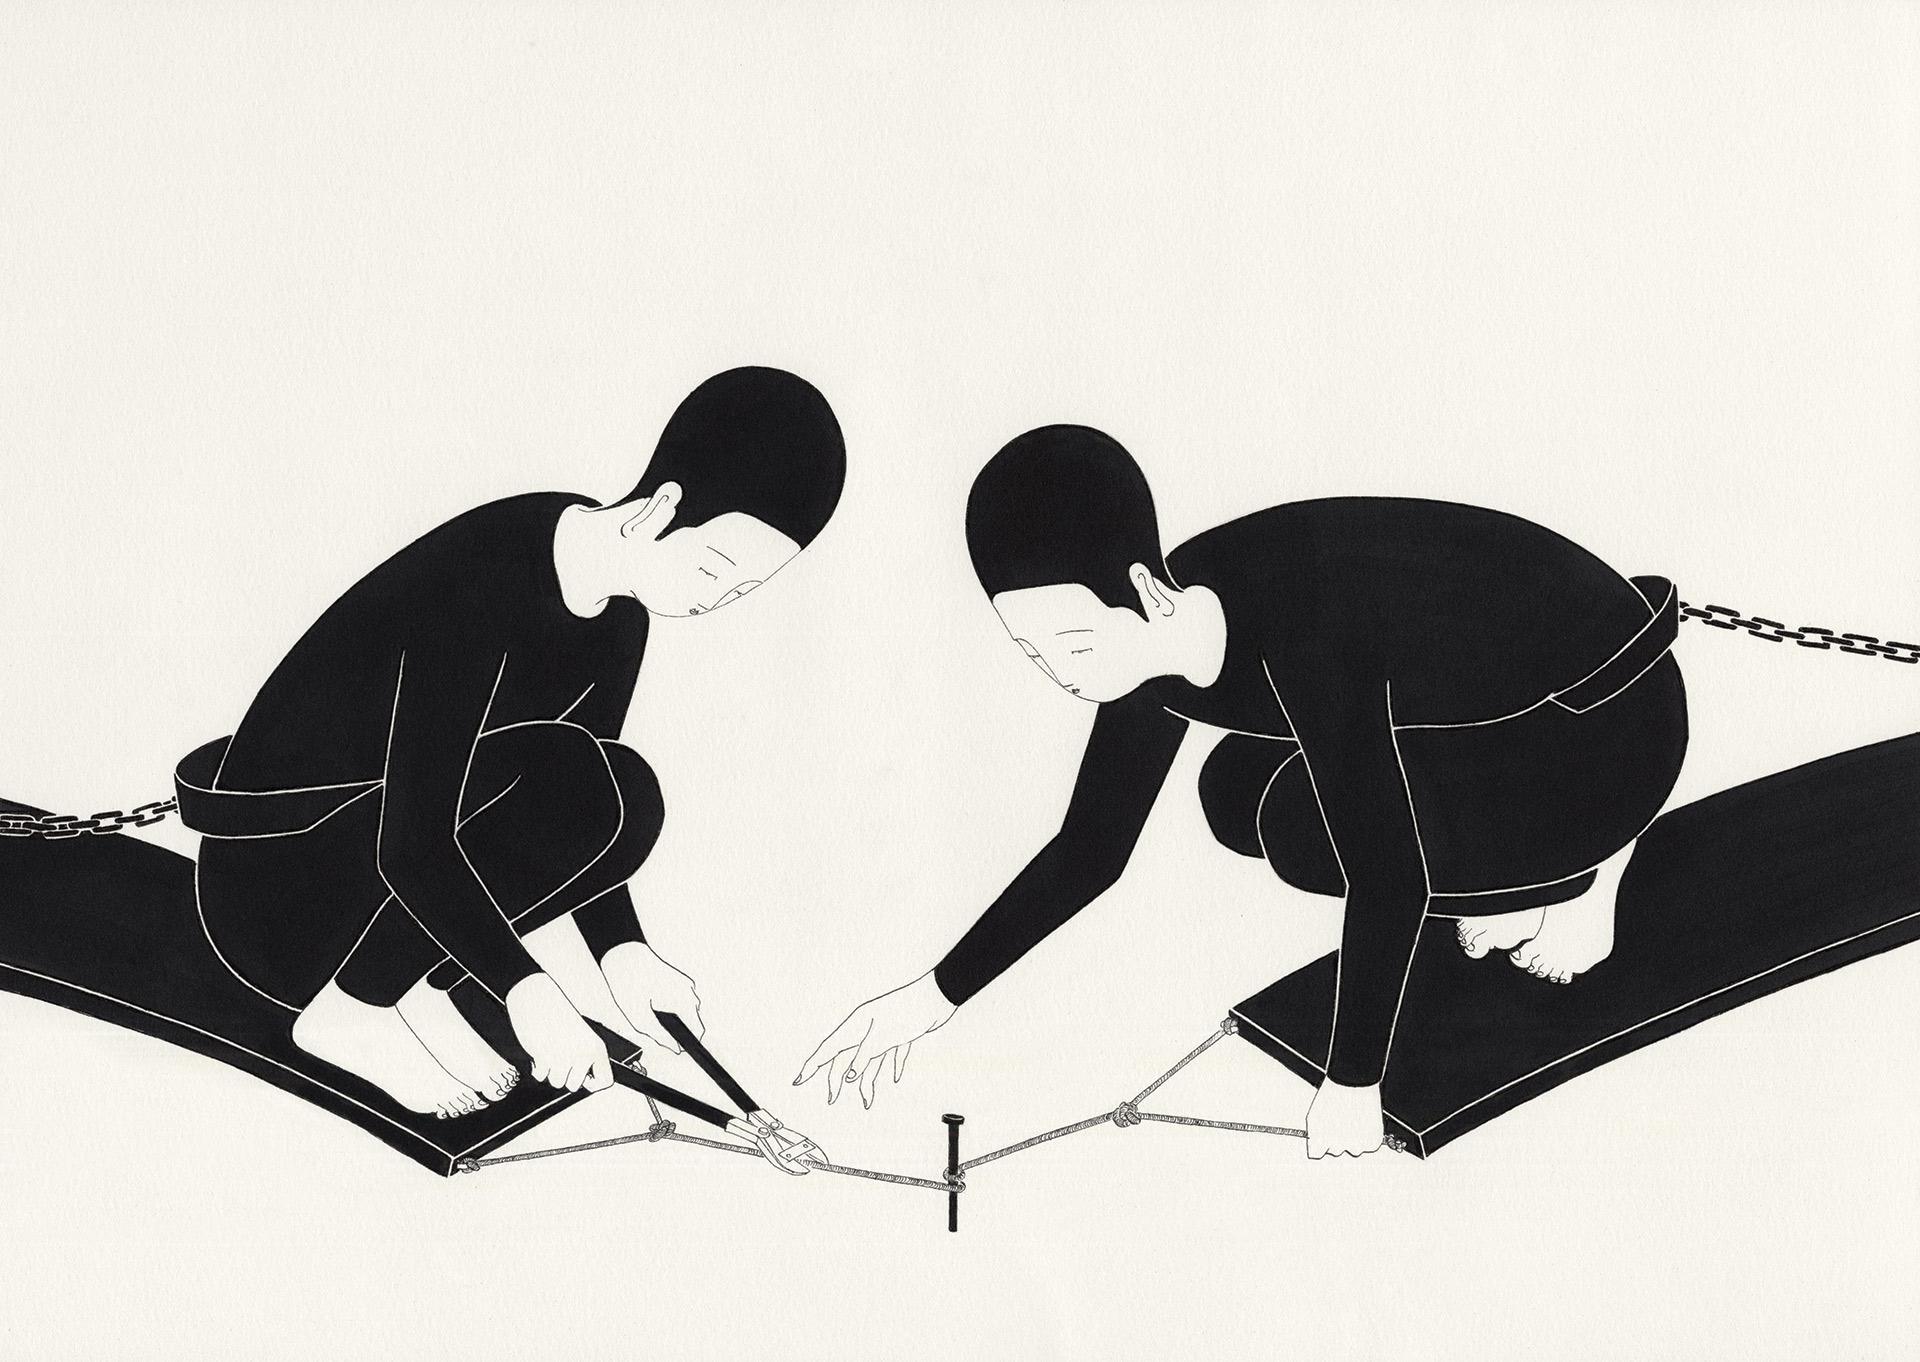 단애 斷愛  /  Farewell   Op.0130P -48 x 33 cm,종이에 펜, 마커 / Pigment liner and marker on paper, 2016